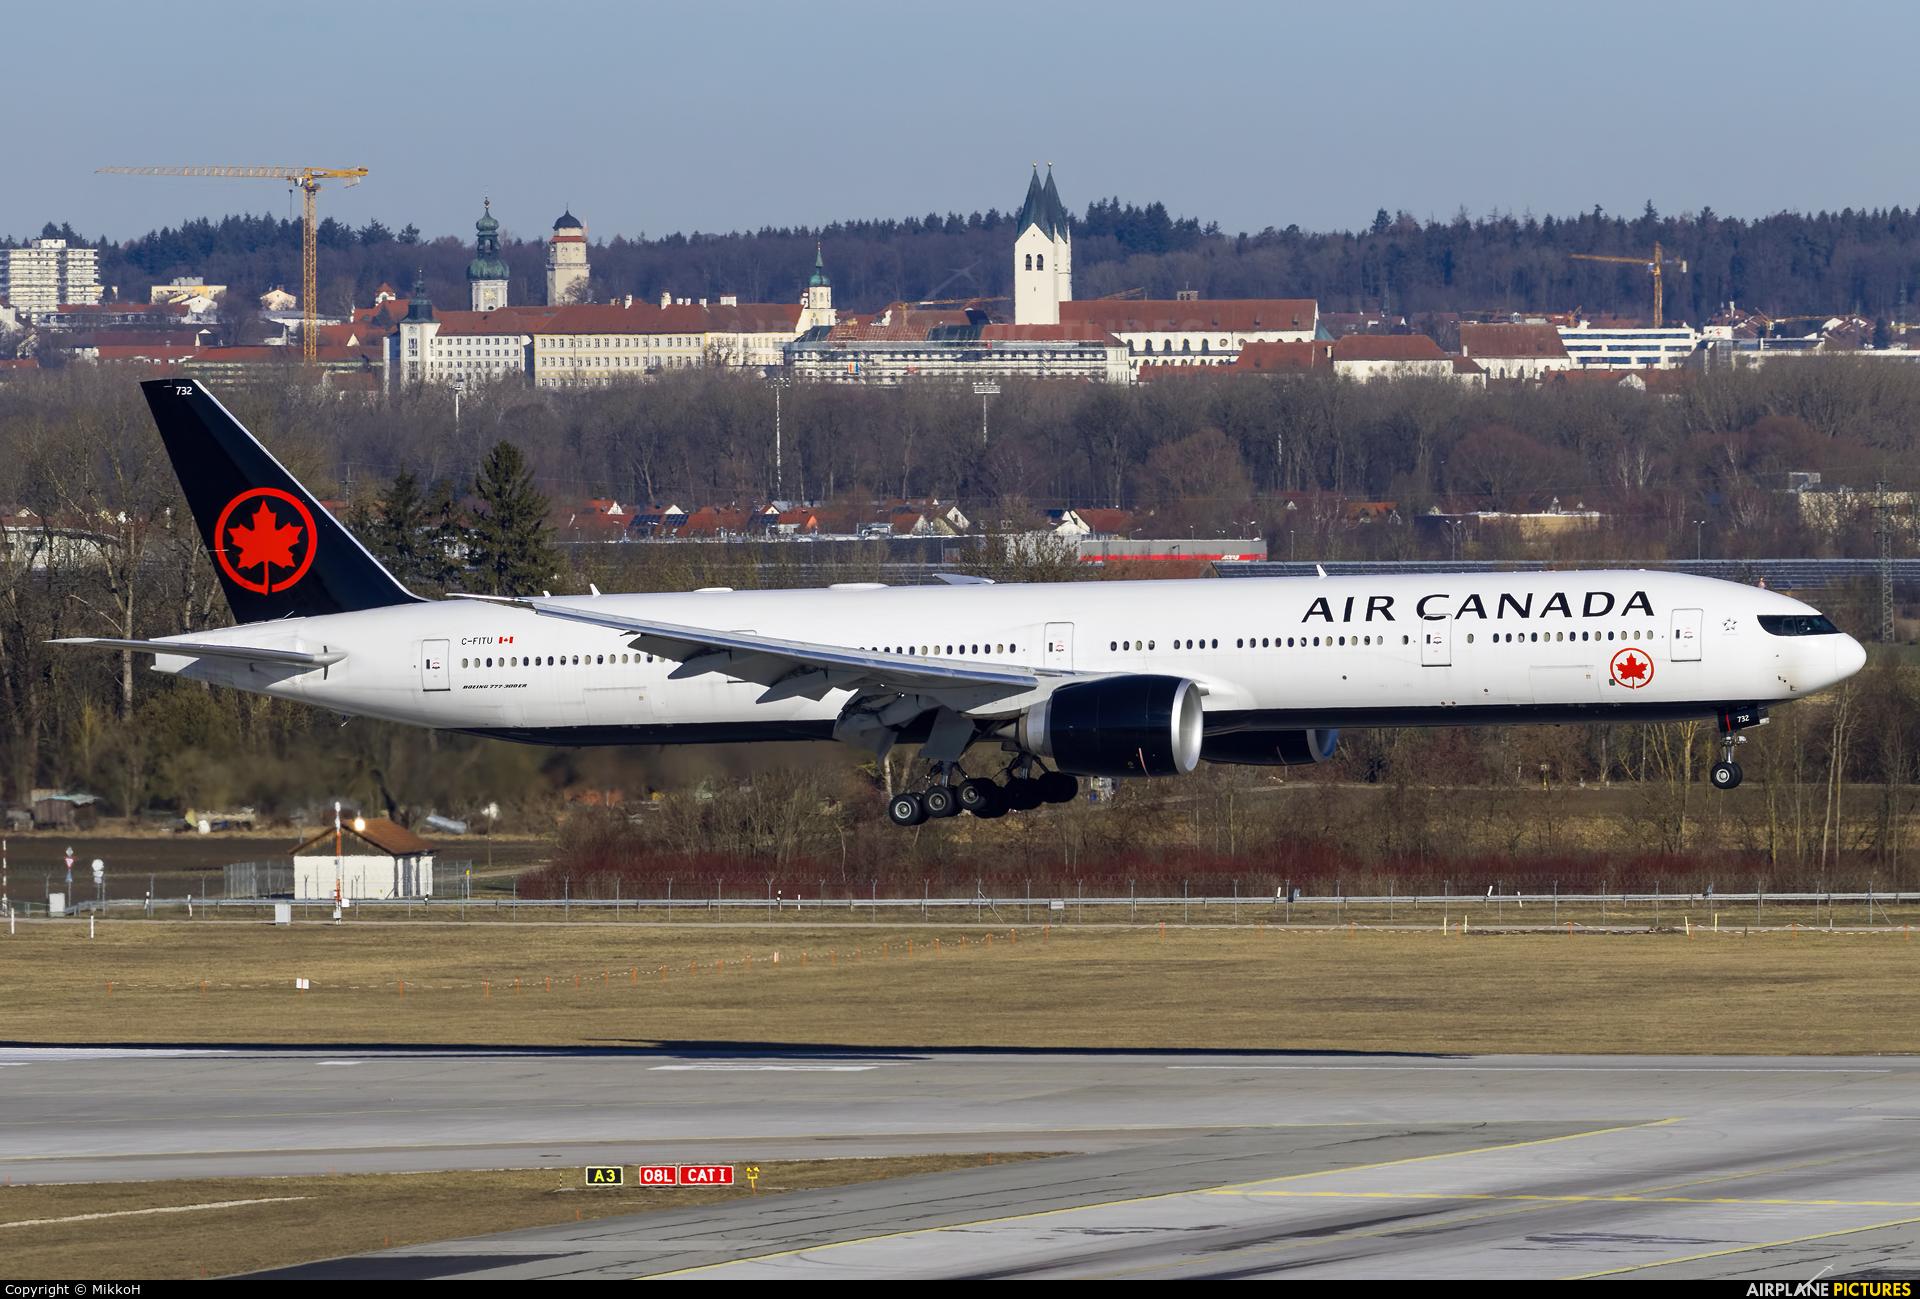 Air Canada C-FITU aircraft at Munich